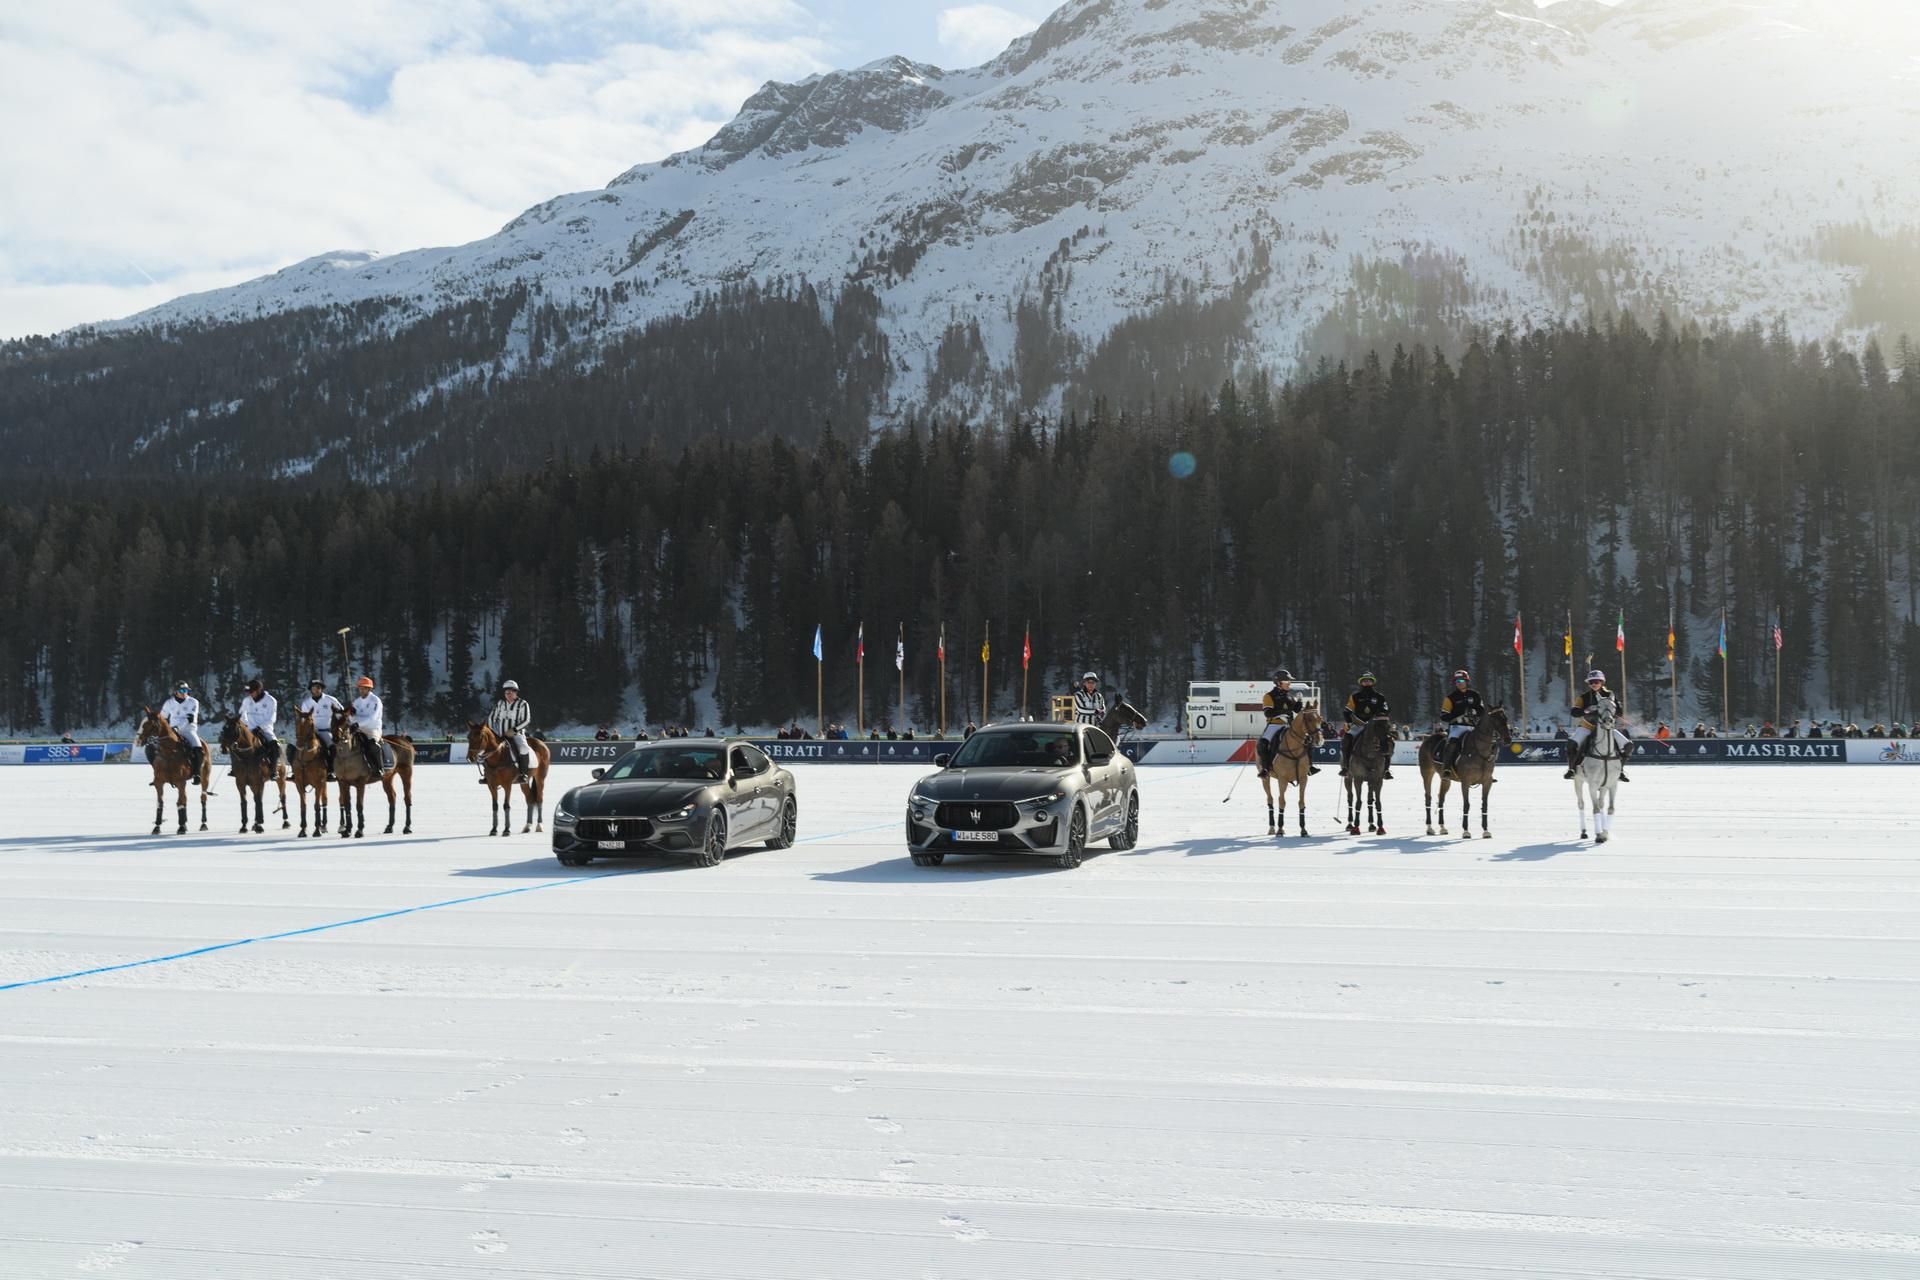 maserati-levante-royale-snow-polo-wc-1